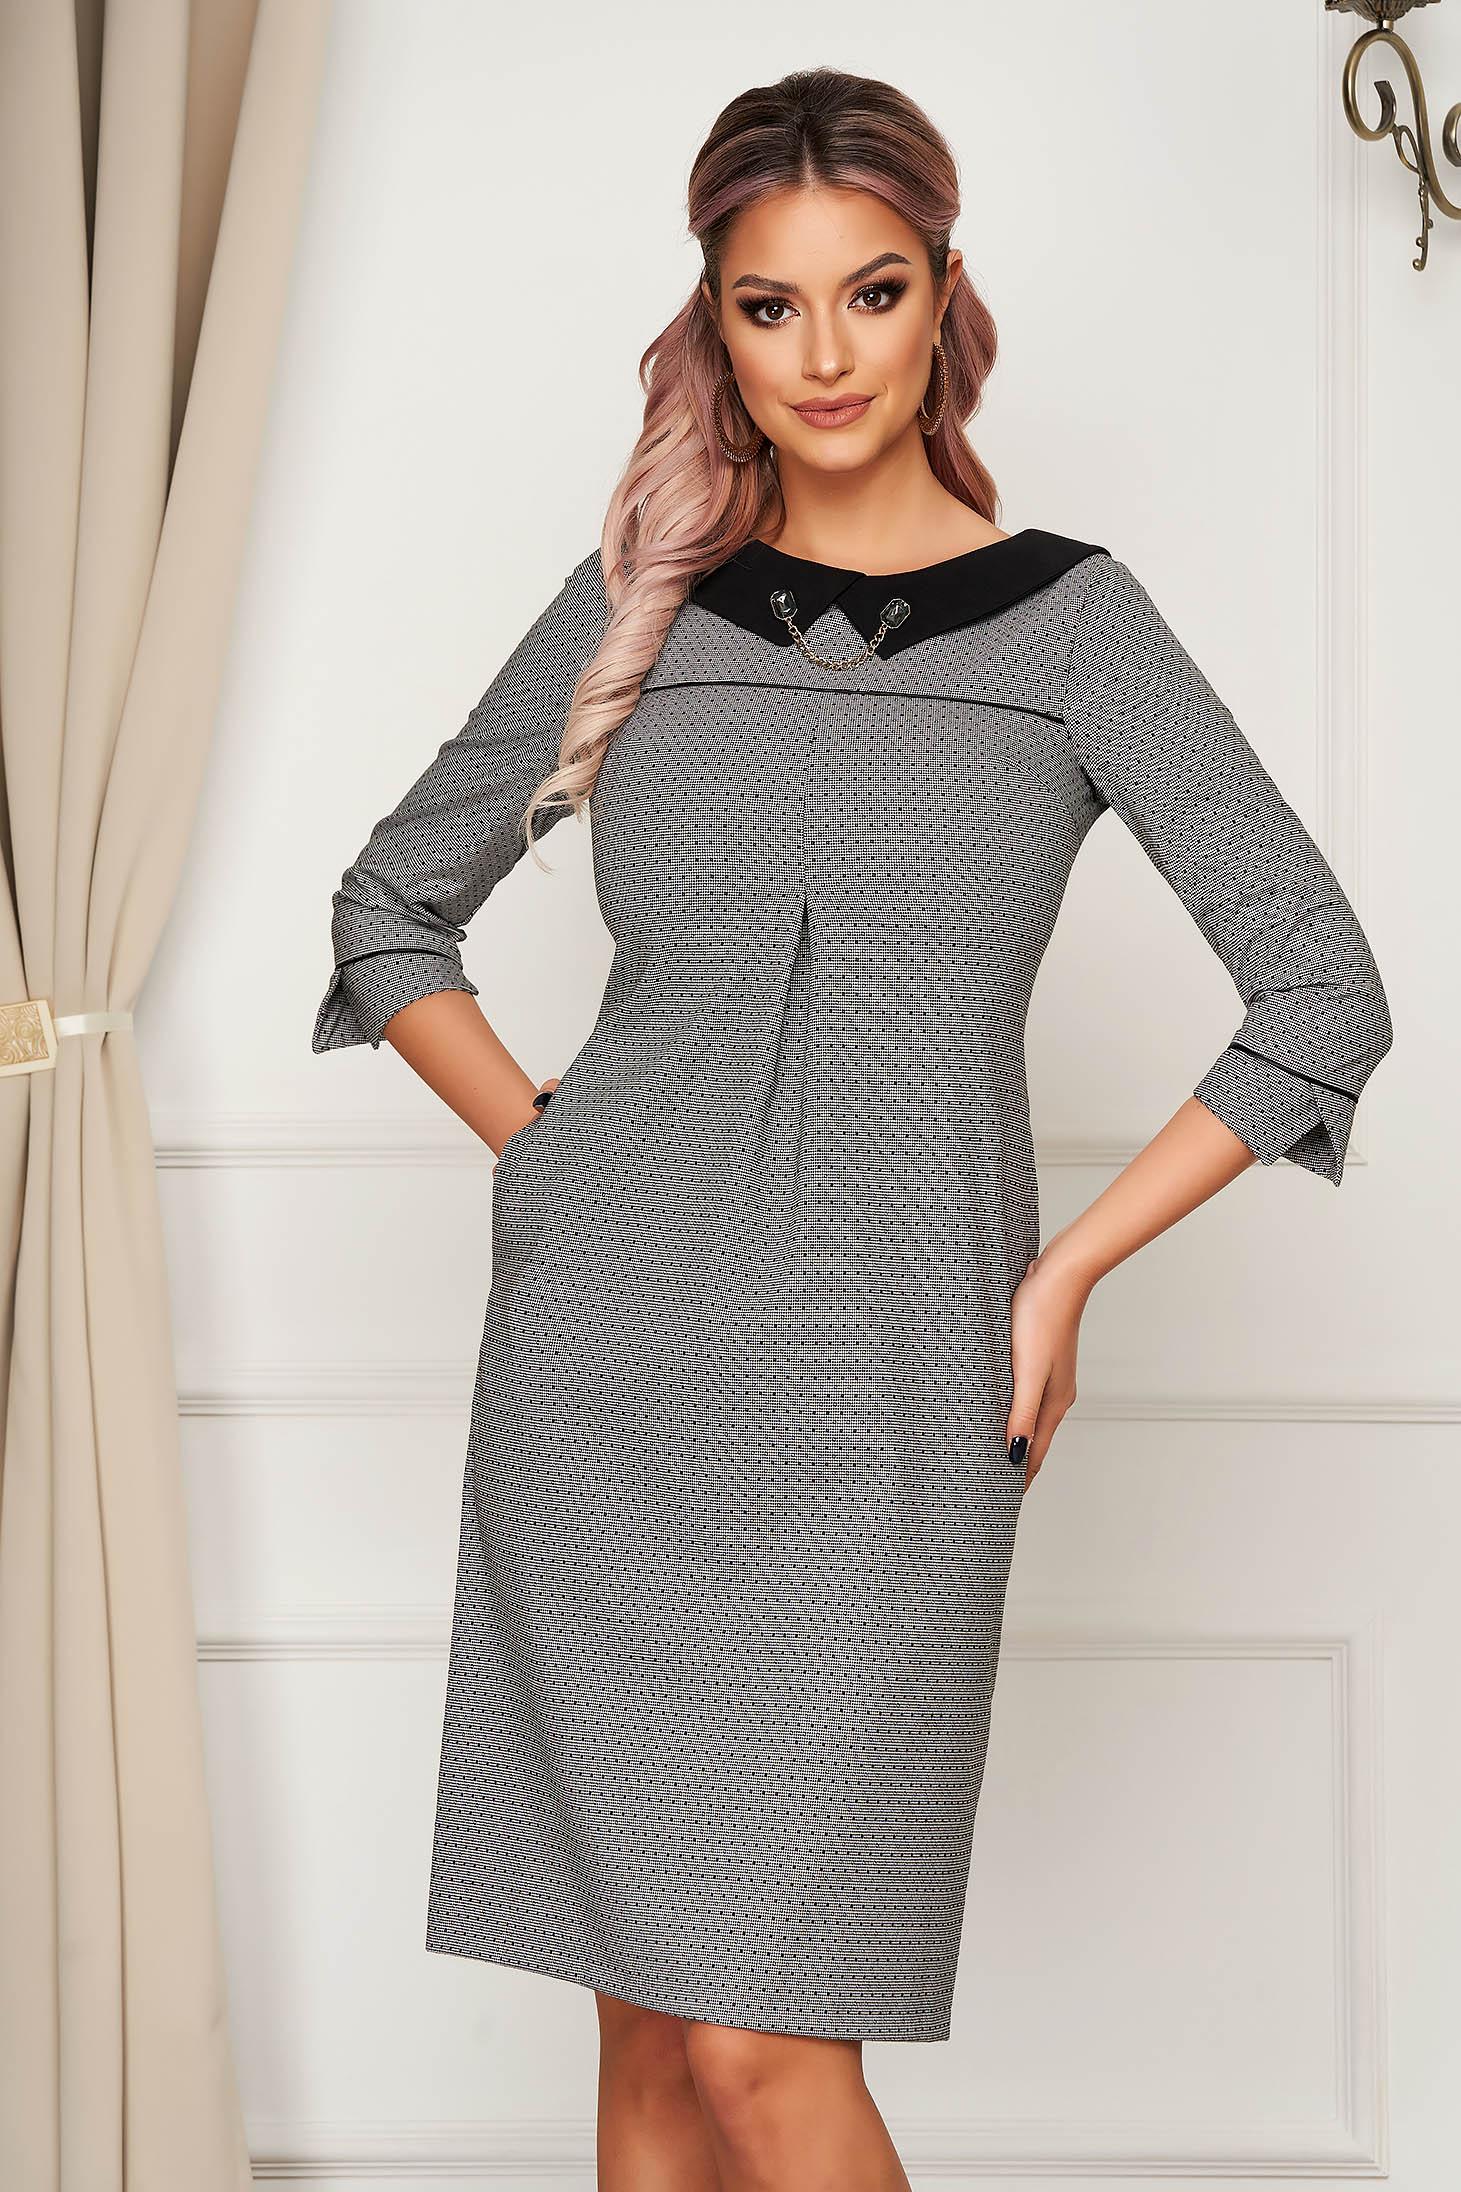 Rochie gri office cu un croi drept din stofa usor elastica cu guler cu aplicatii metalice